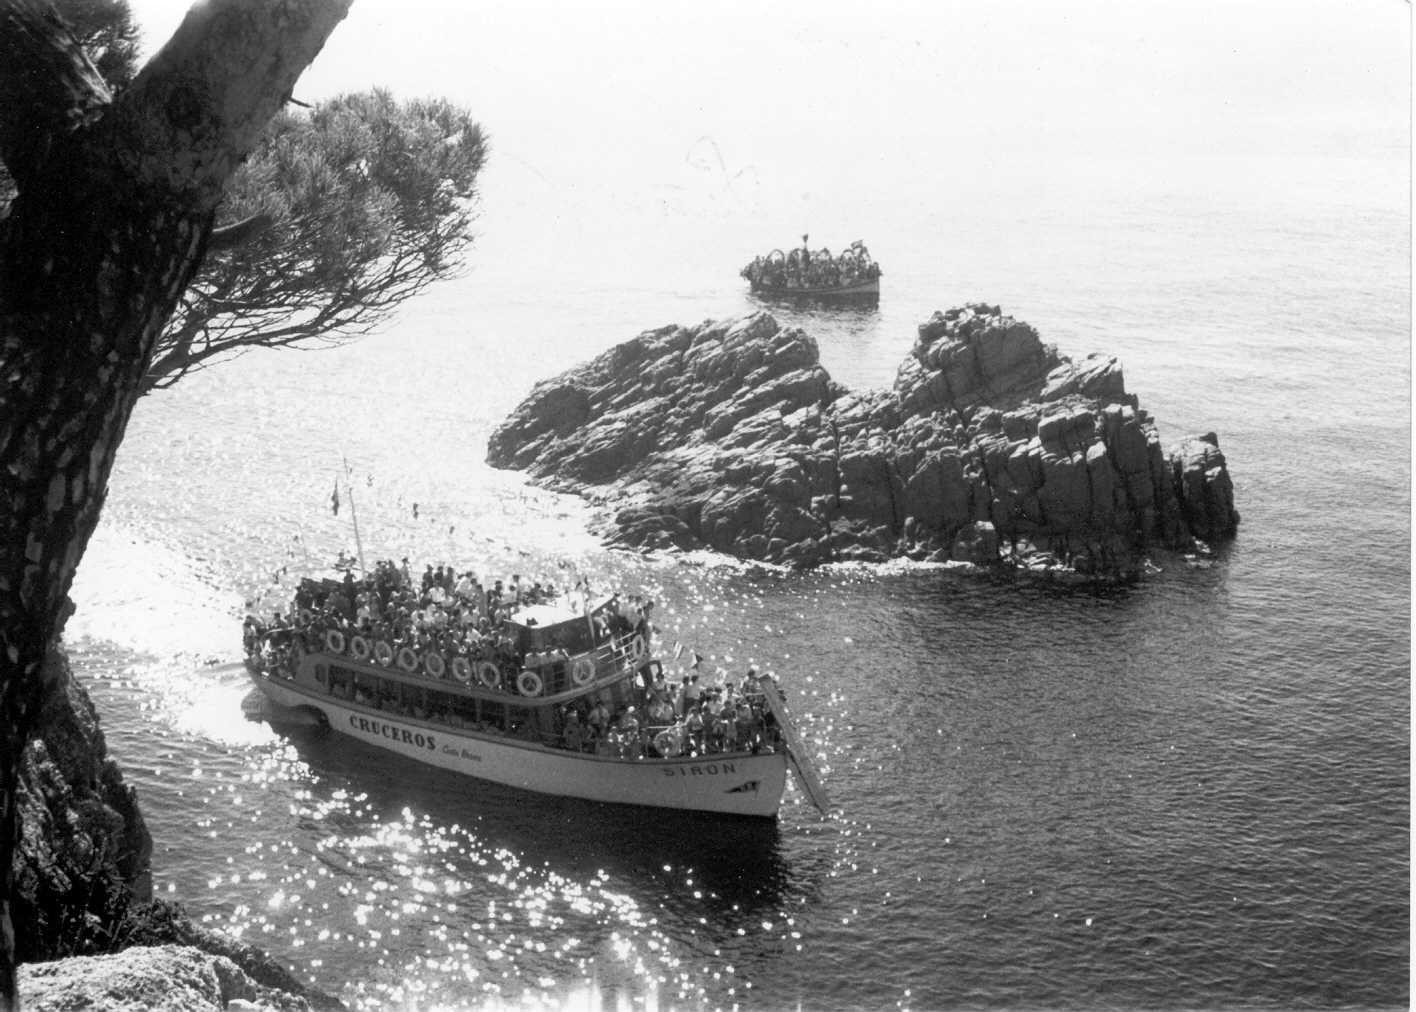 Pas de la processó marítima dedicada a la Verge del Bonviatge per s'Adolitx, el 12 d'octubre de 1968